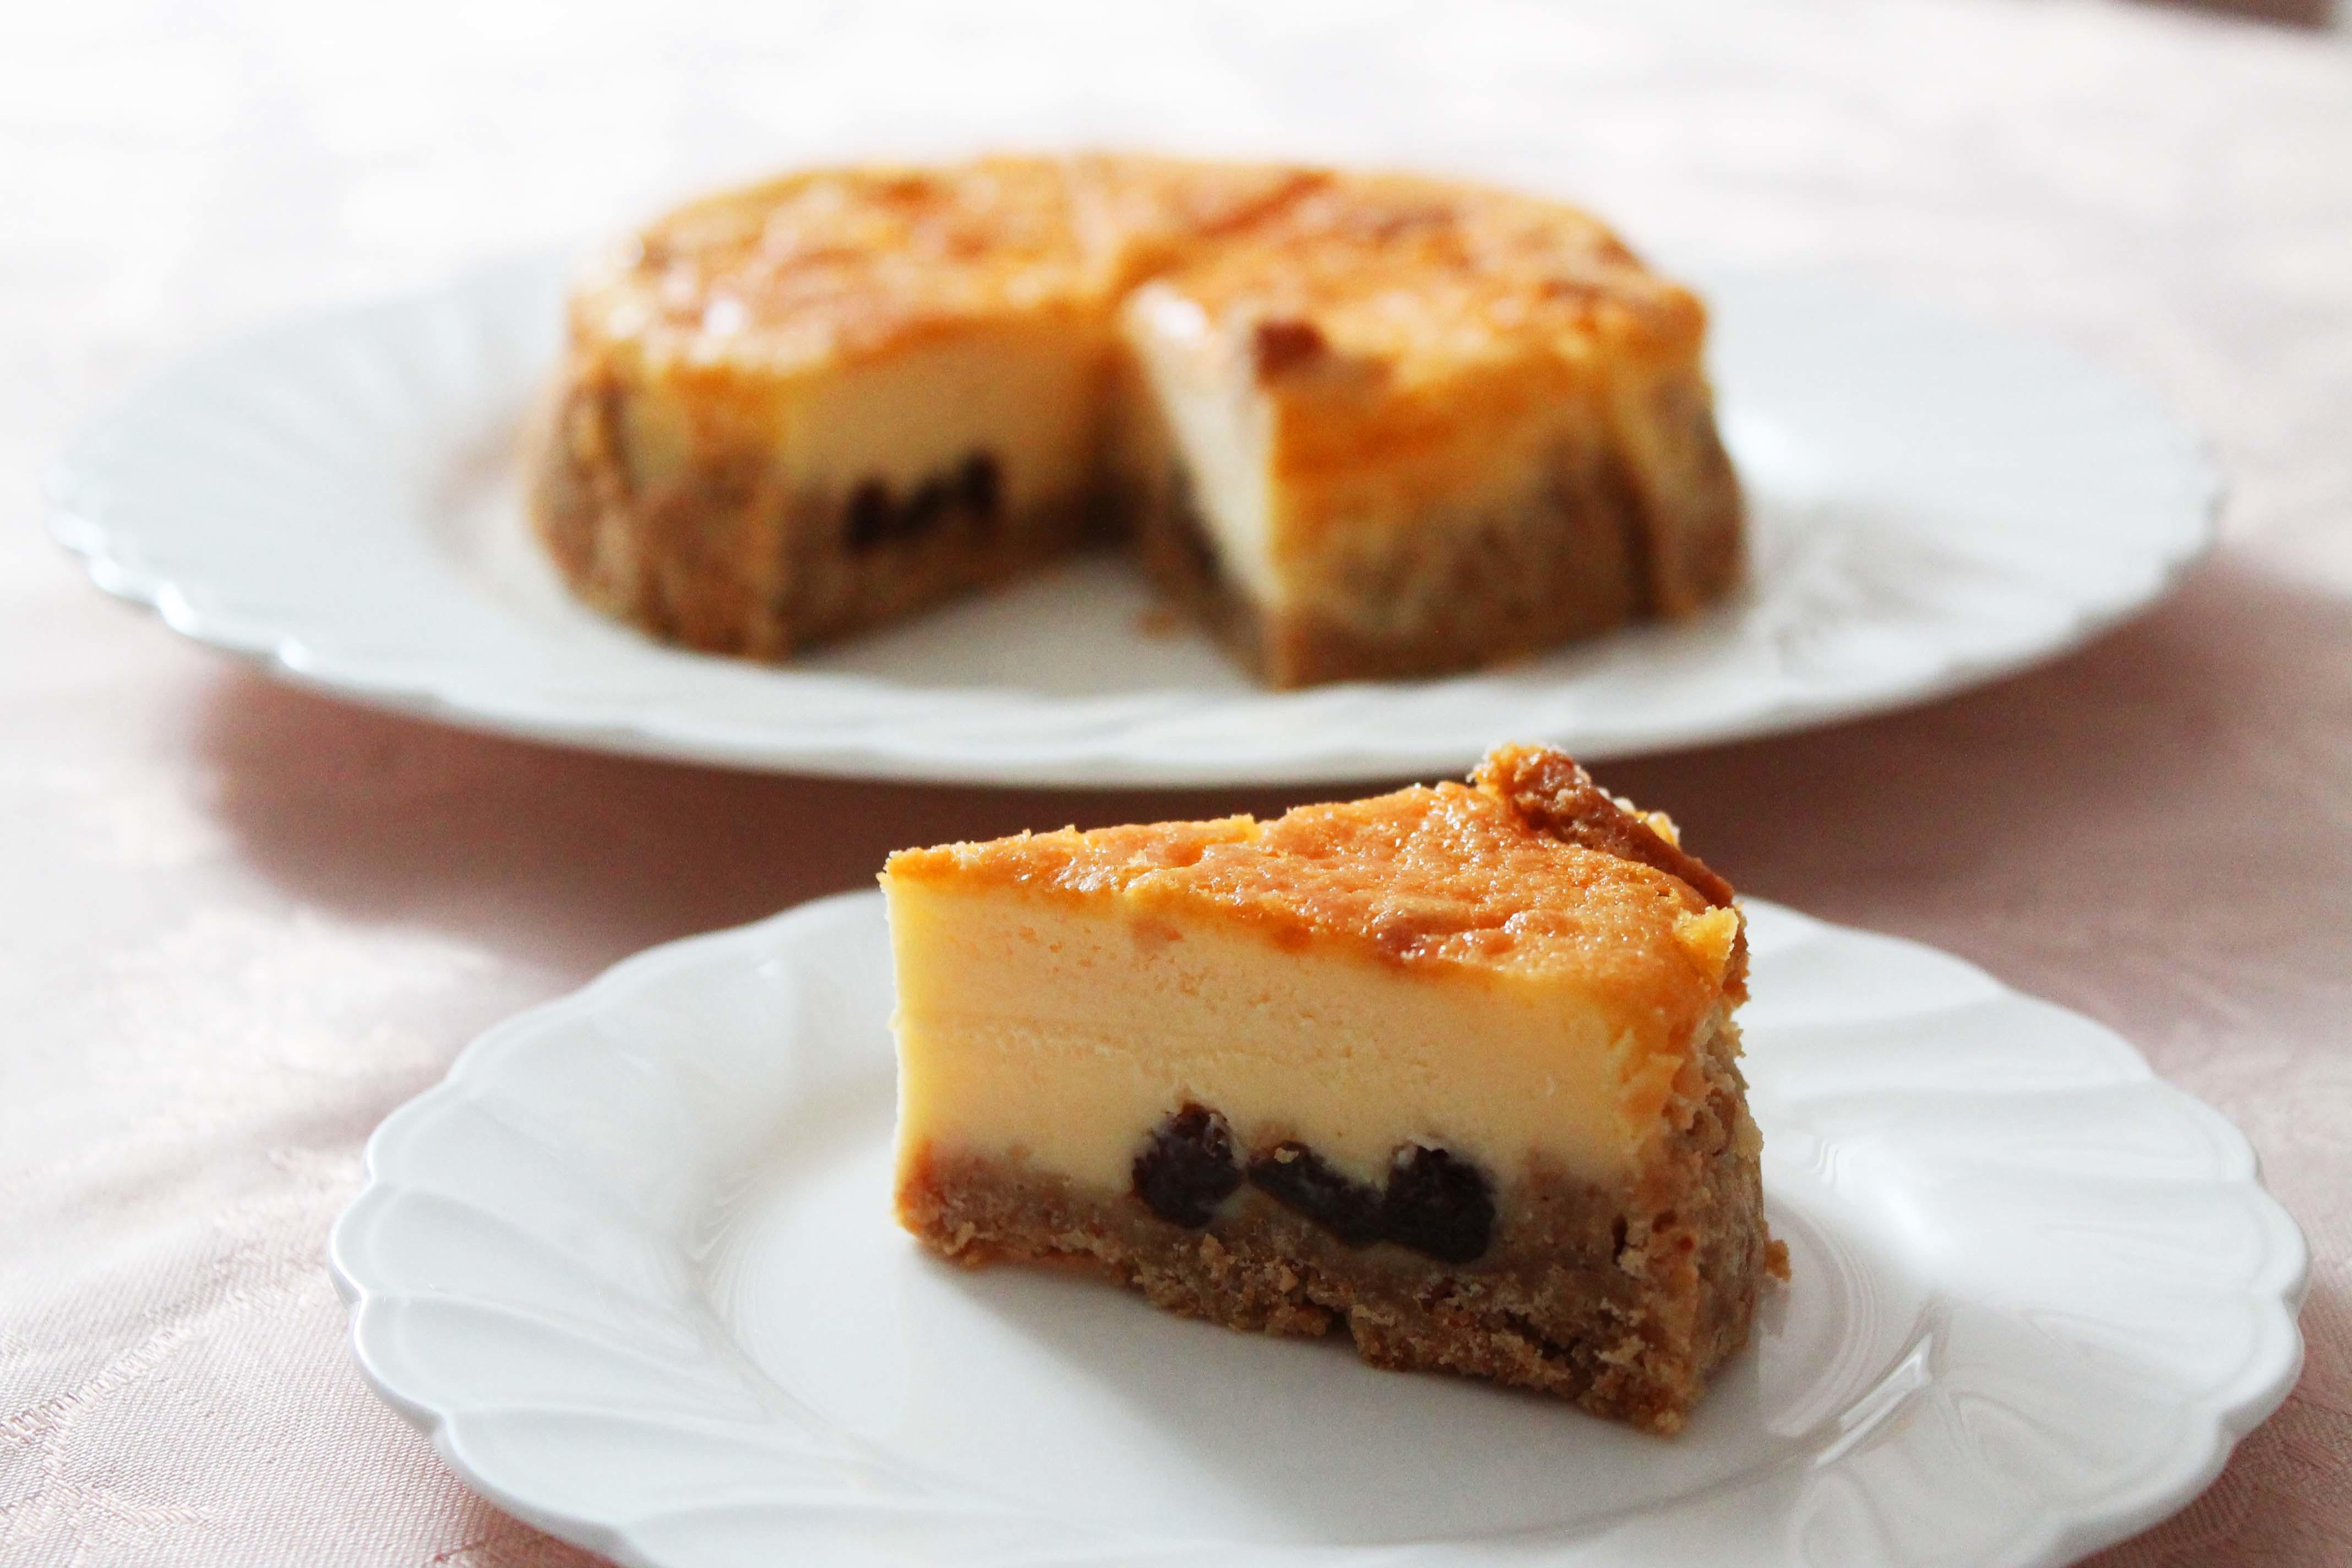 ニューヨークスタイル「チーズケーキ」_d0377645_23204144.jpg